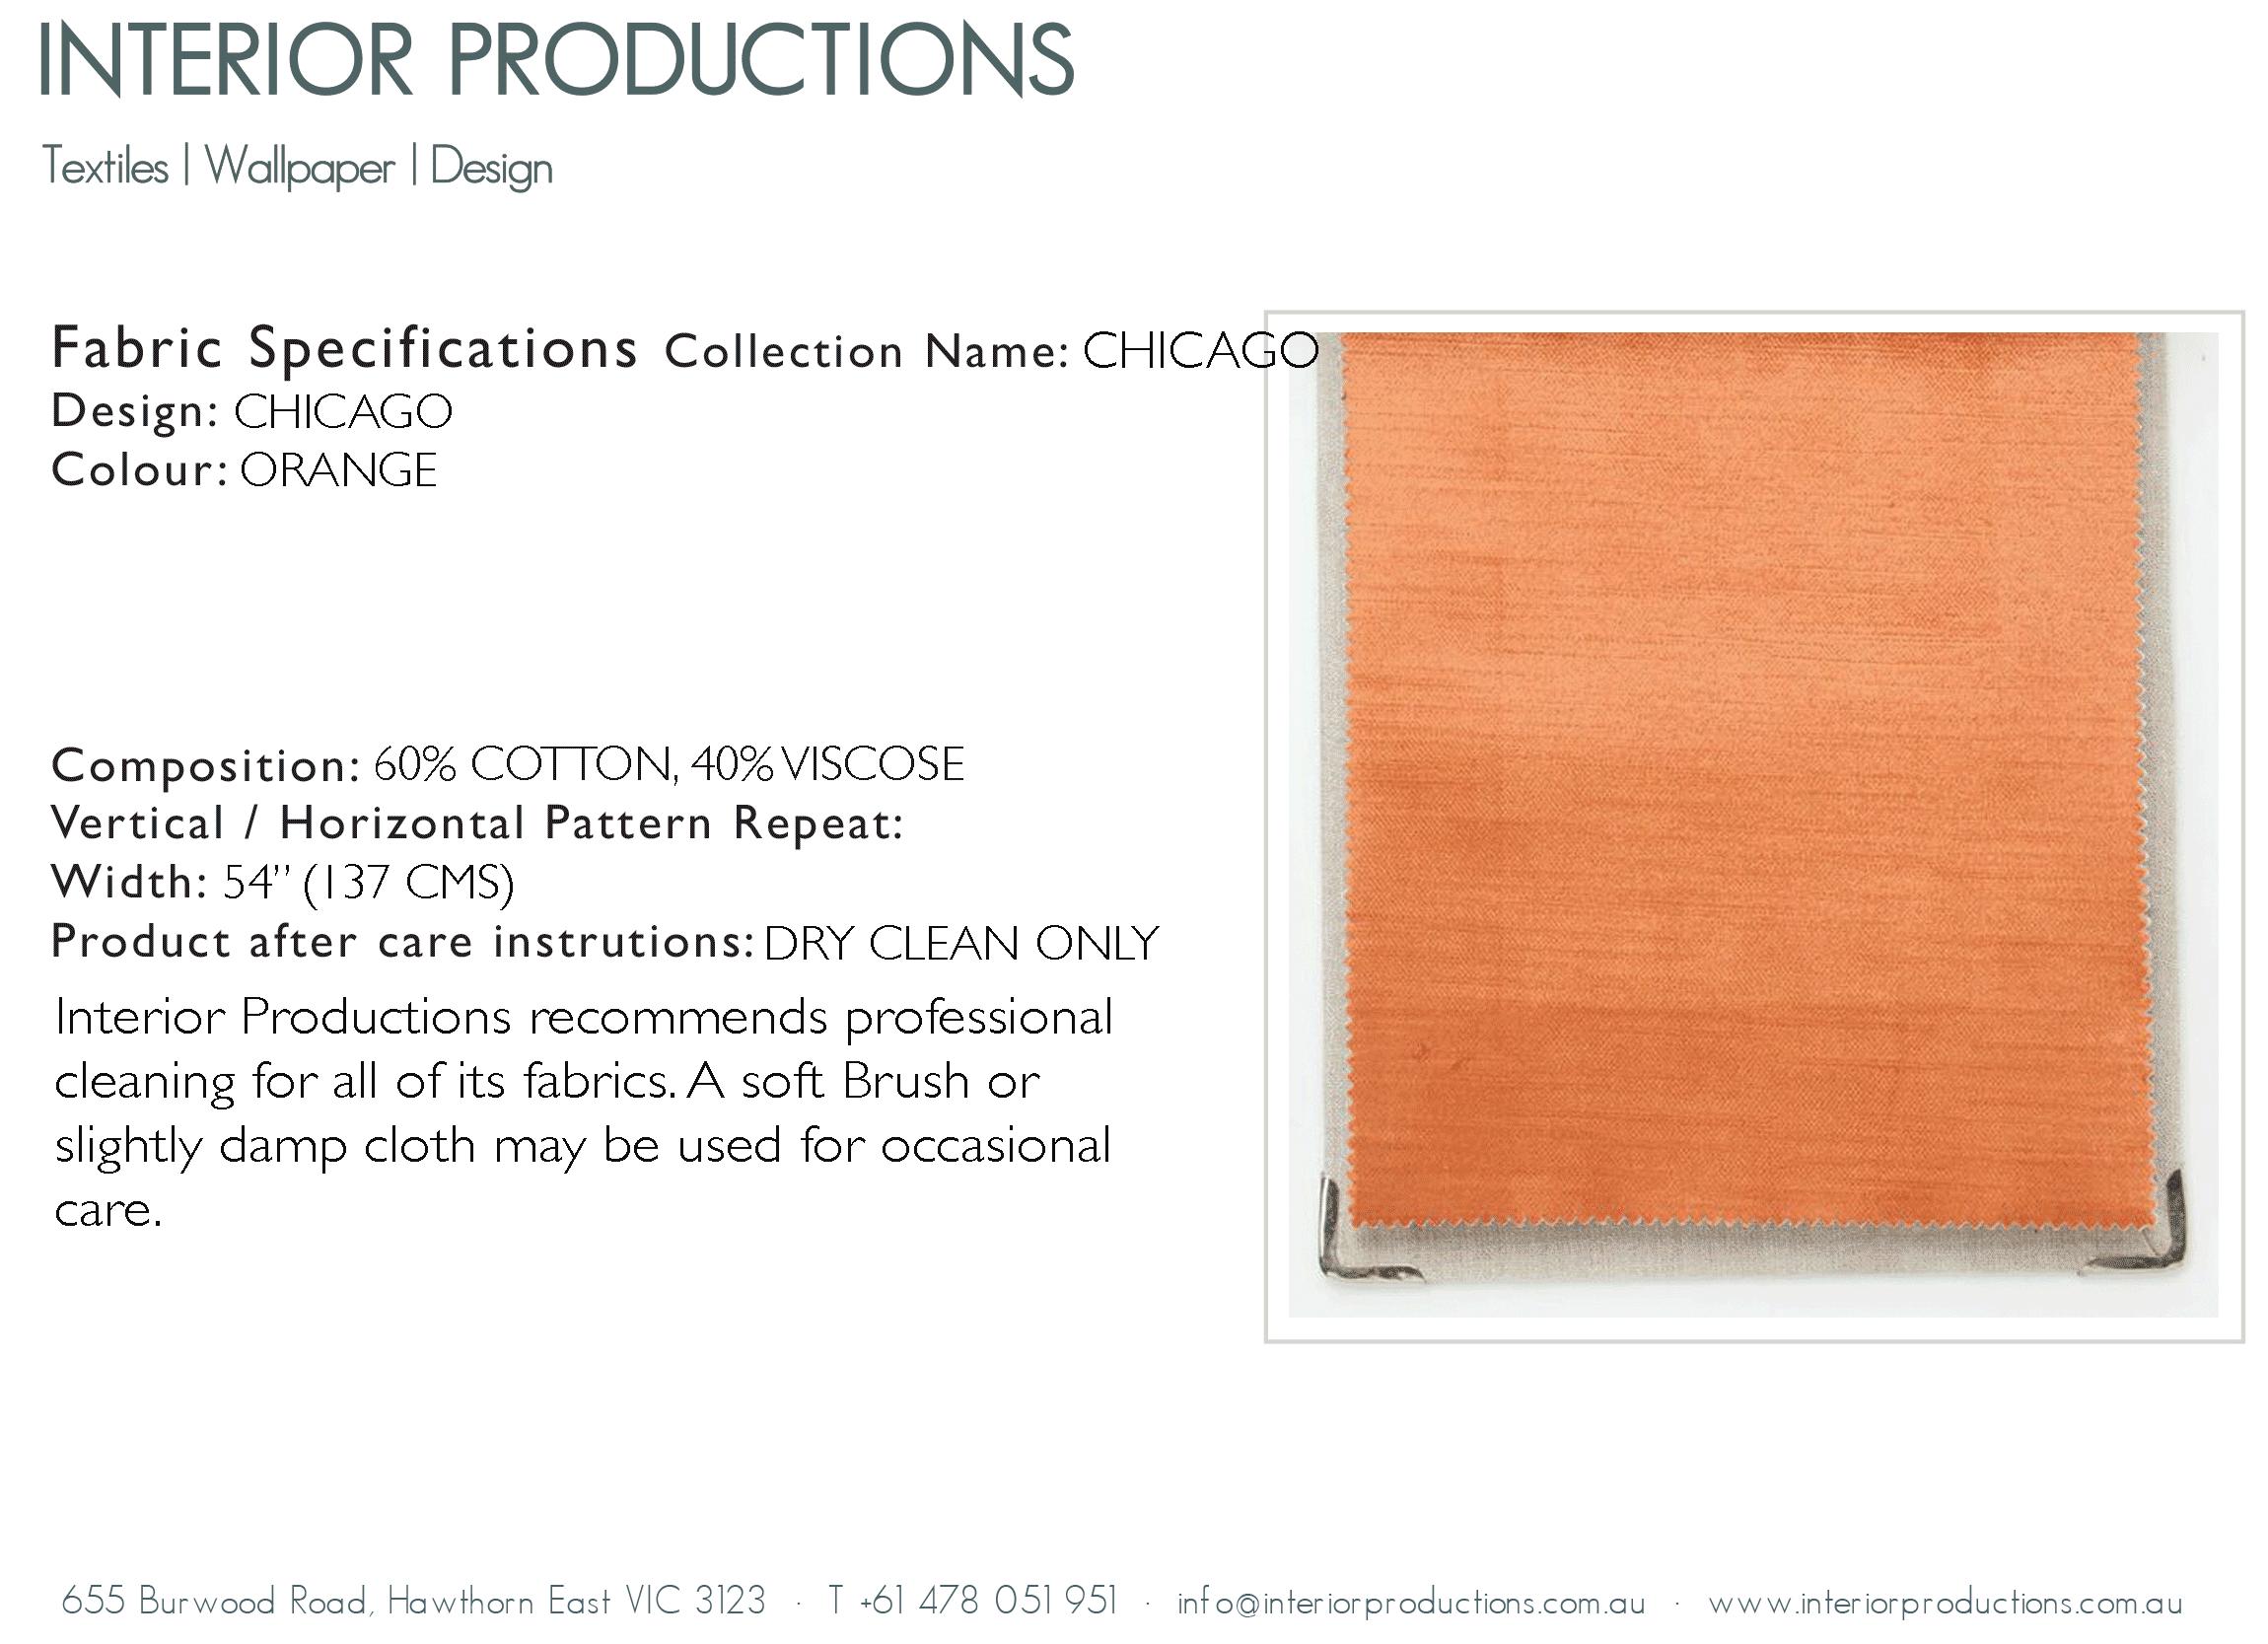 interior_productions_CHICAGO---ORANGE